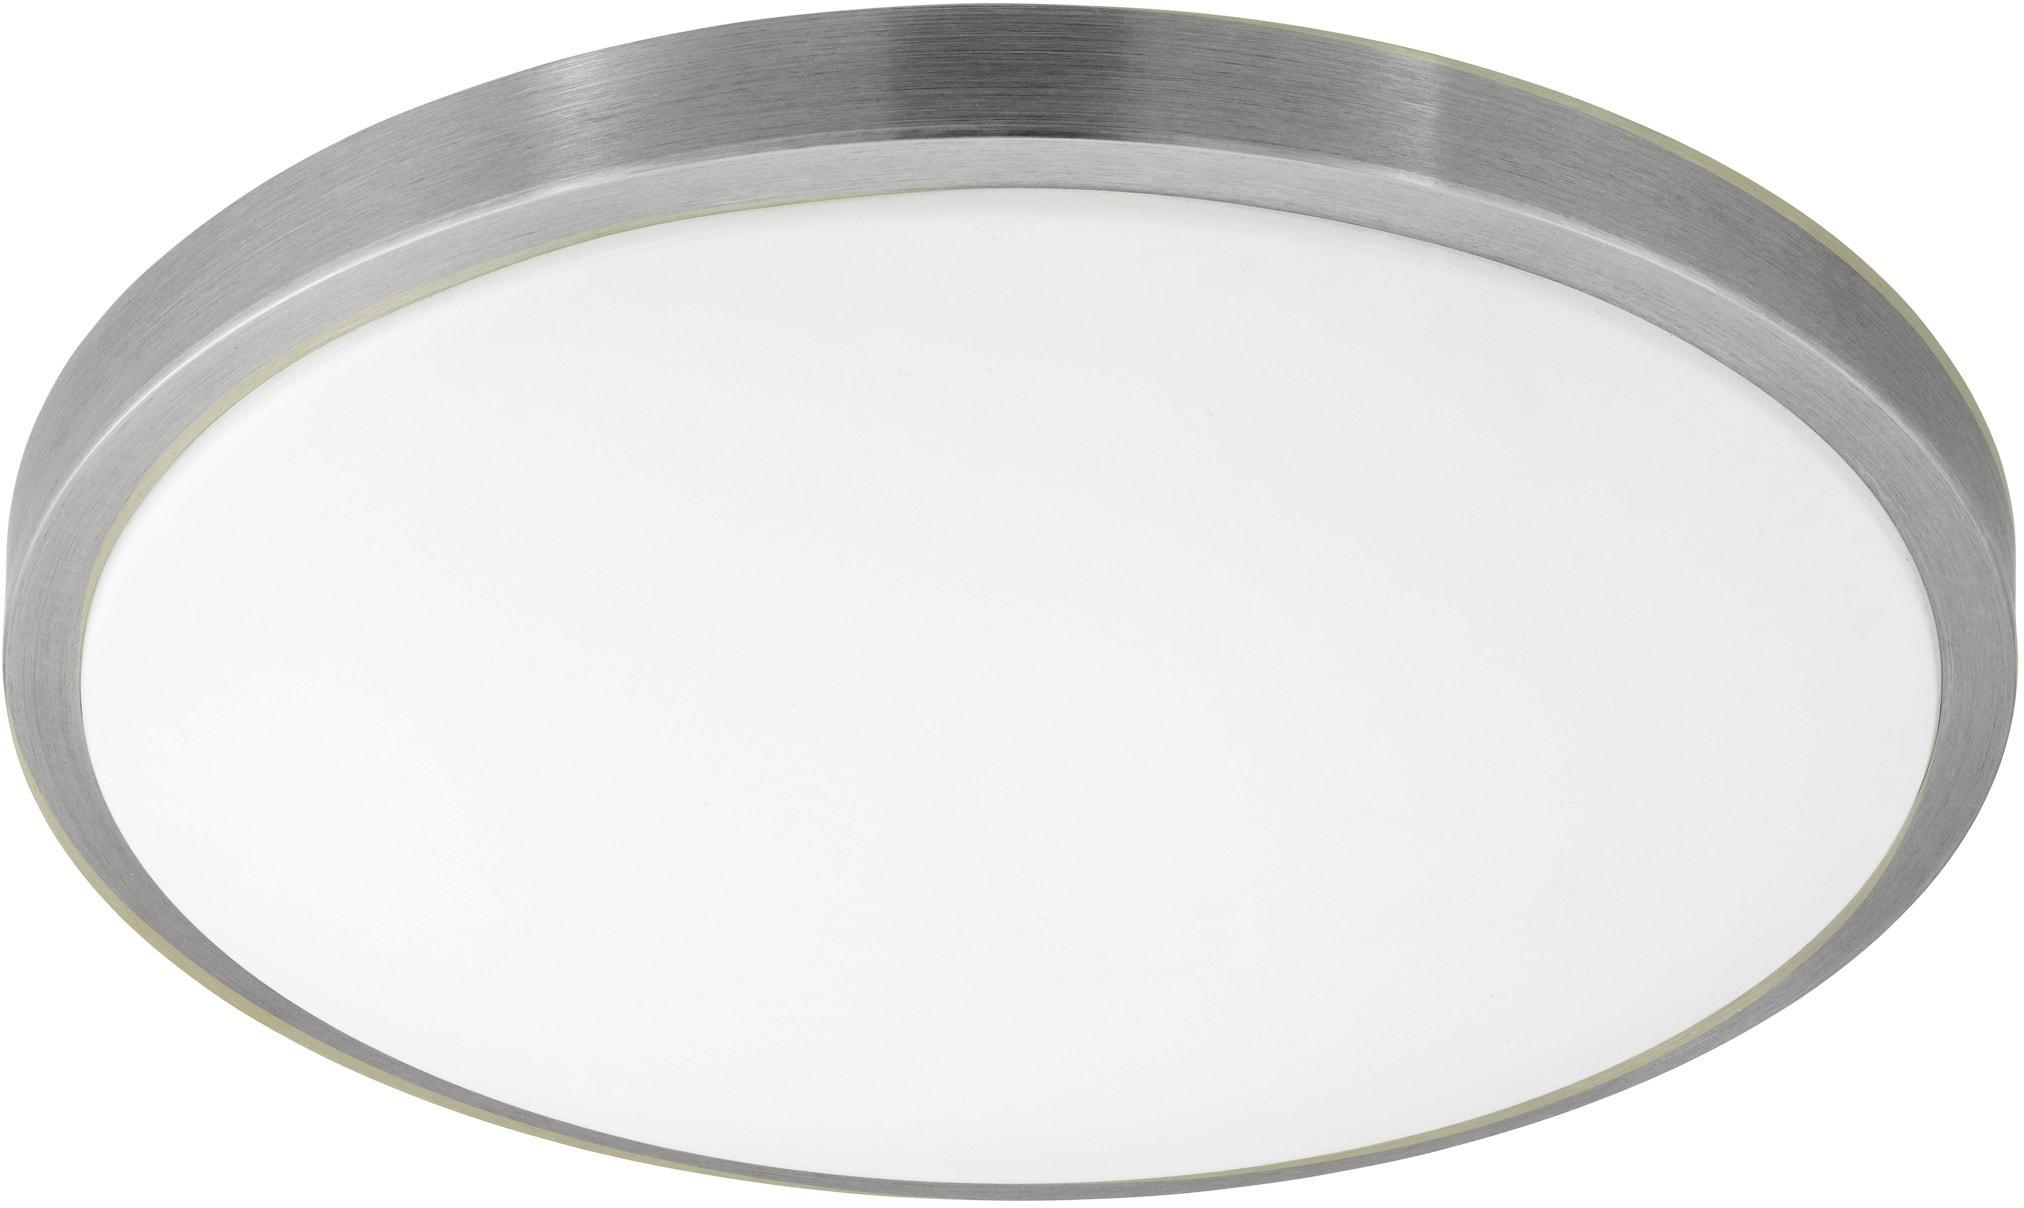 EGLO Deckenleuchte COMPETA 1, LED-Board, Warmweiß, Deckenlampe